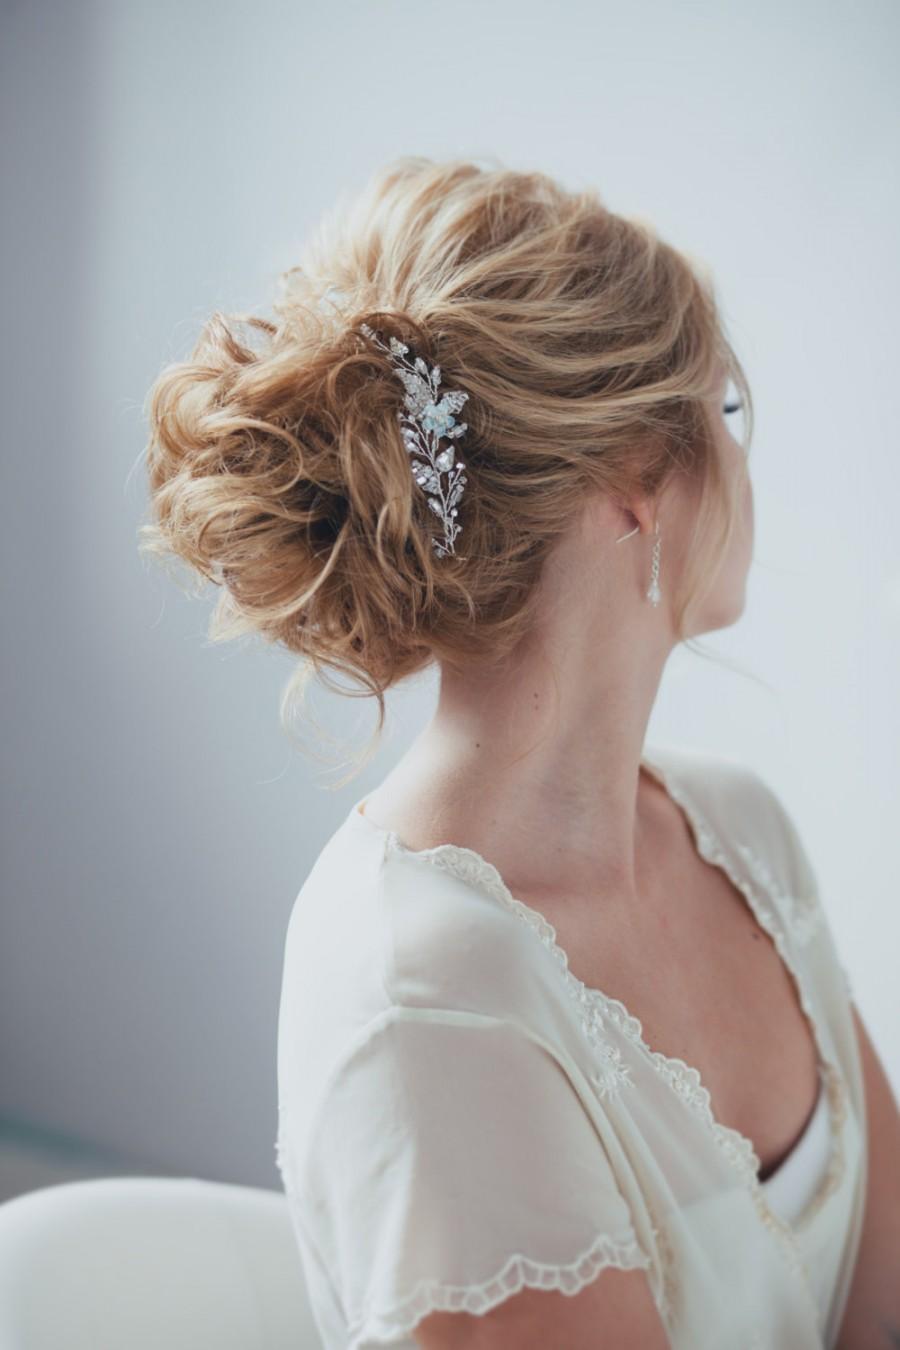 Hochzeit - Bridal Hair Pin Bridal Hair Adornment Wedding Hair Piece Bridal Hairpiece Wedding Hair Pin ONE HAIR PIN